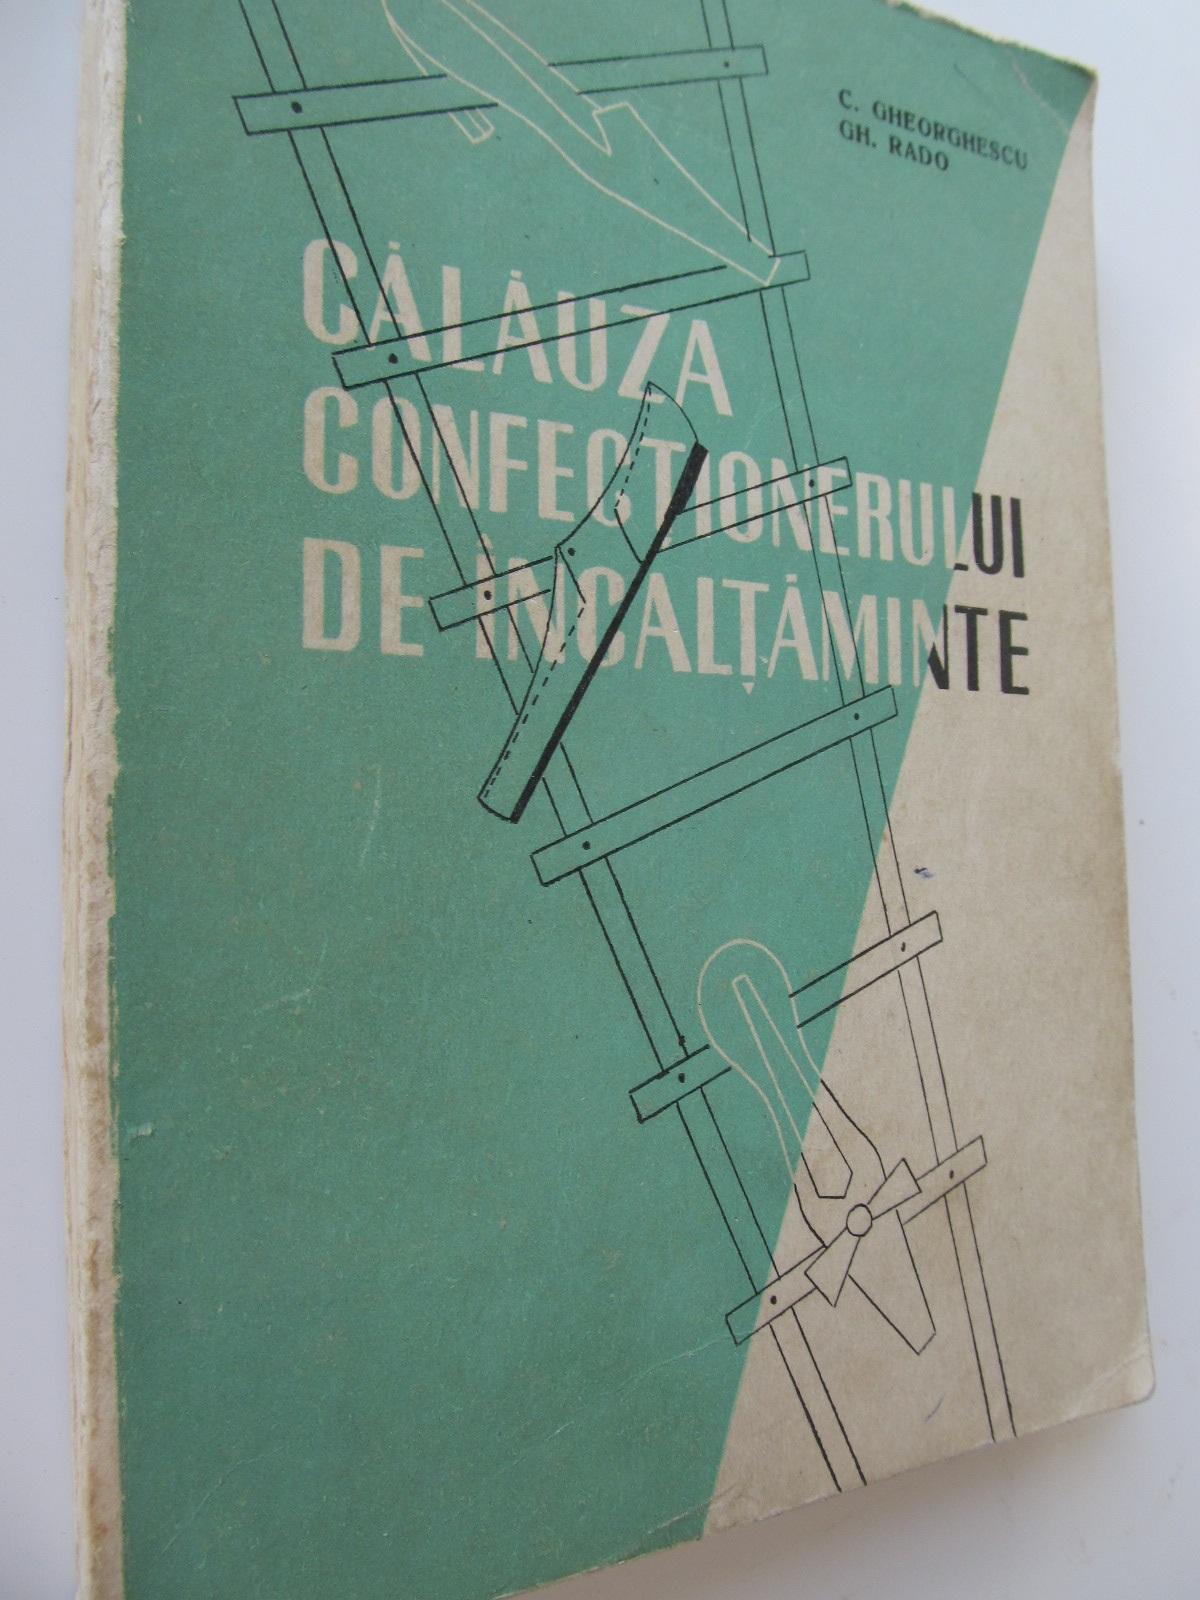 Calauza confectionerului de incaltaminte - C. Gheorghescu , Gh. Rado | Detalii carte